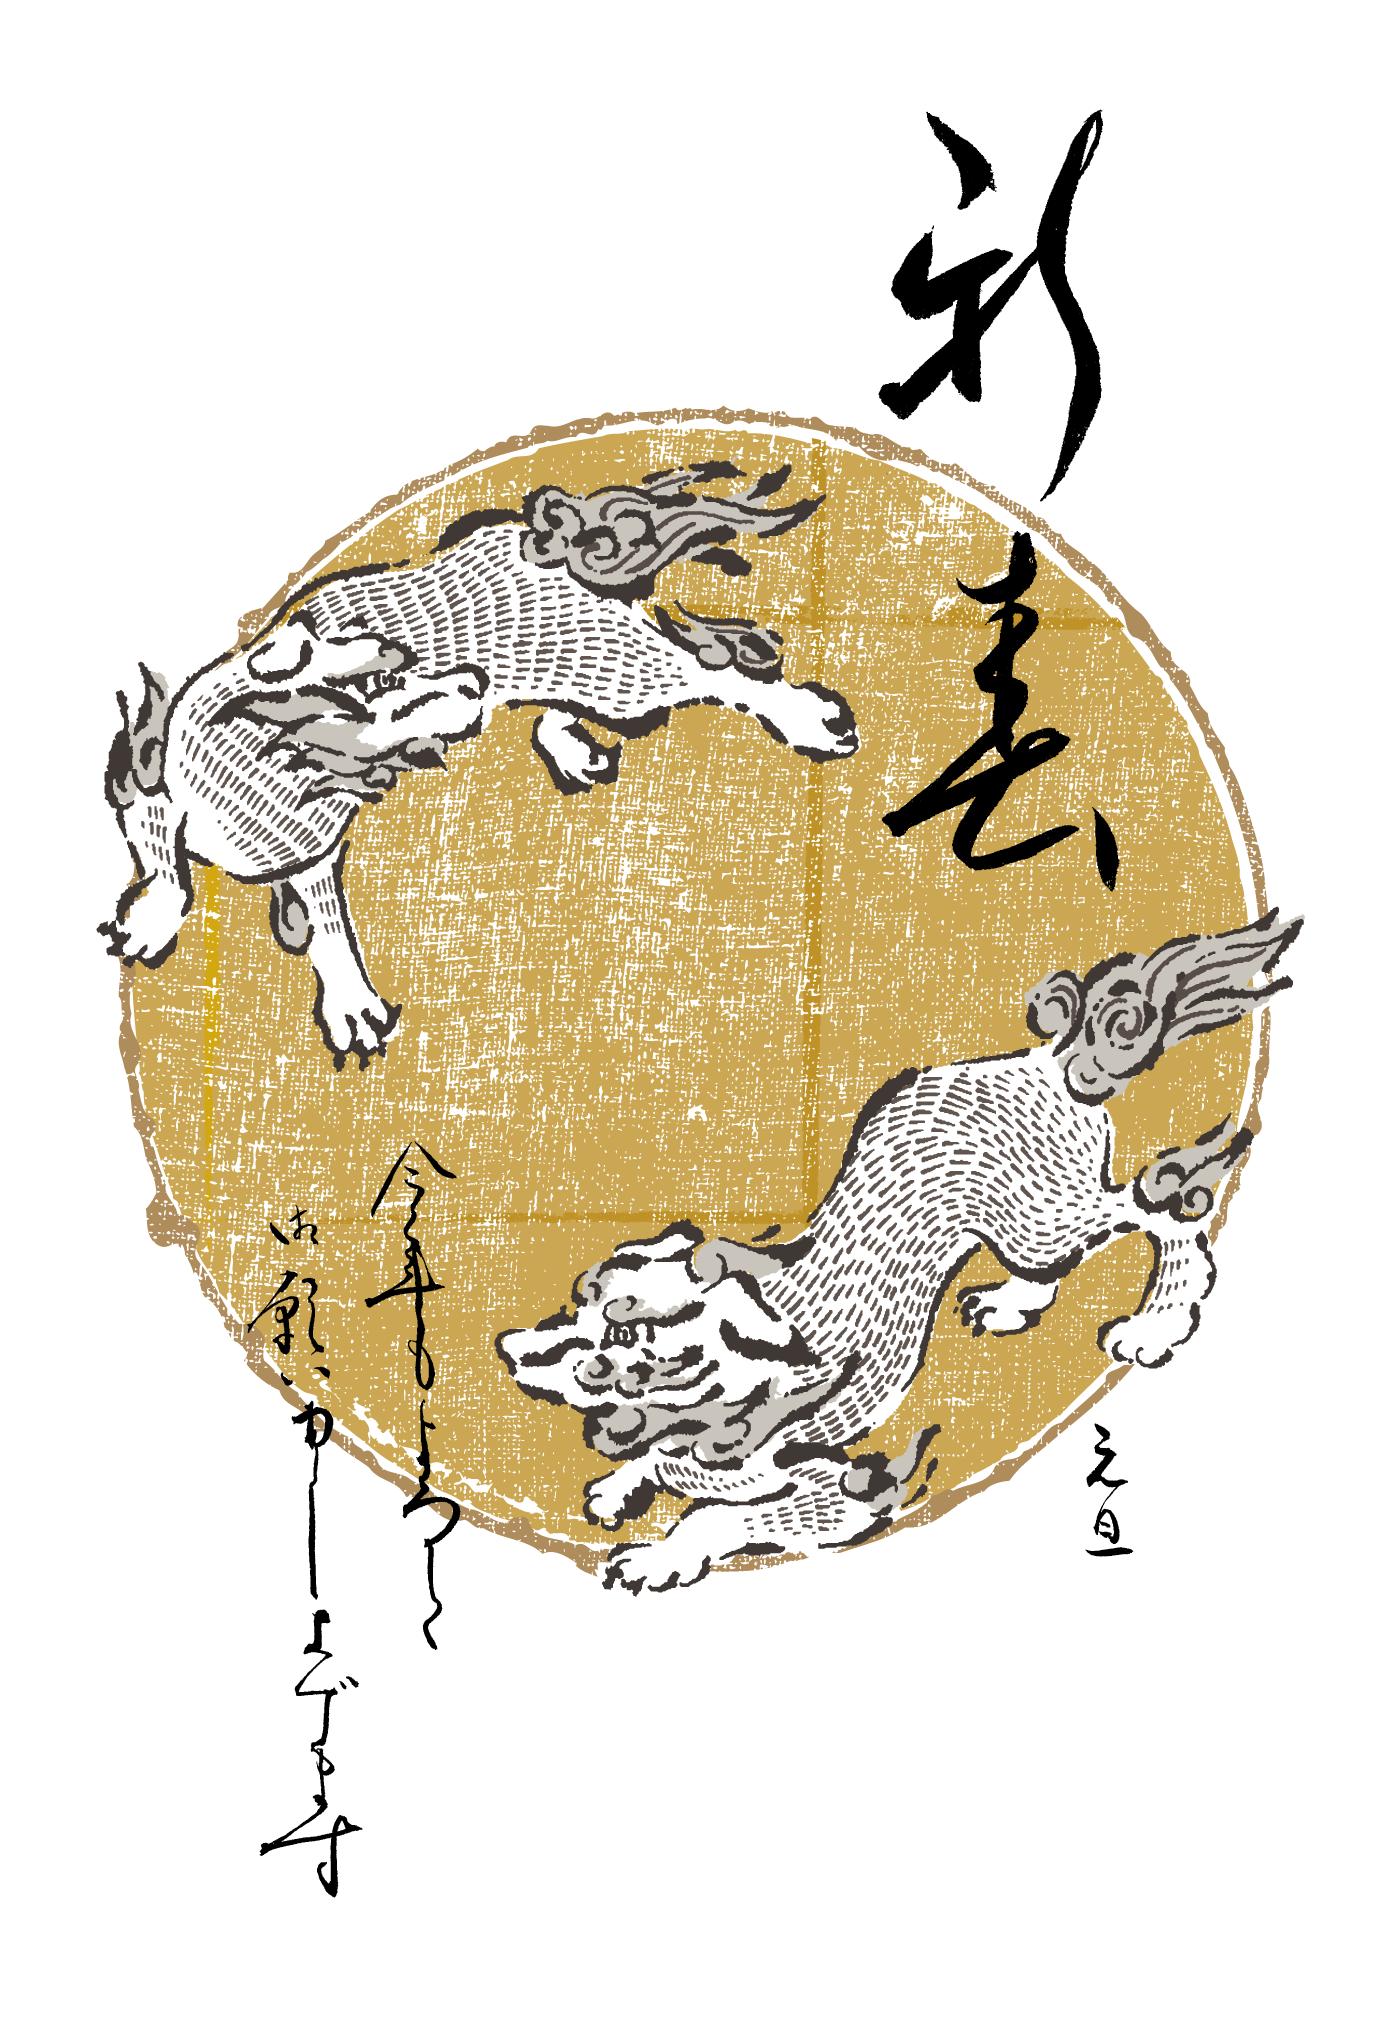 2018年賀状12-1:新春狛犬(金色丸)のダウンロード画像